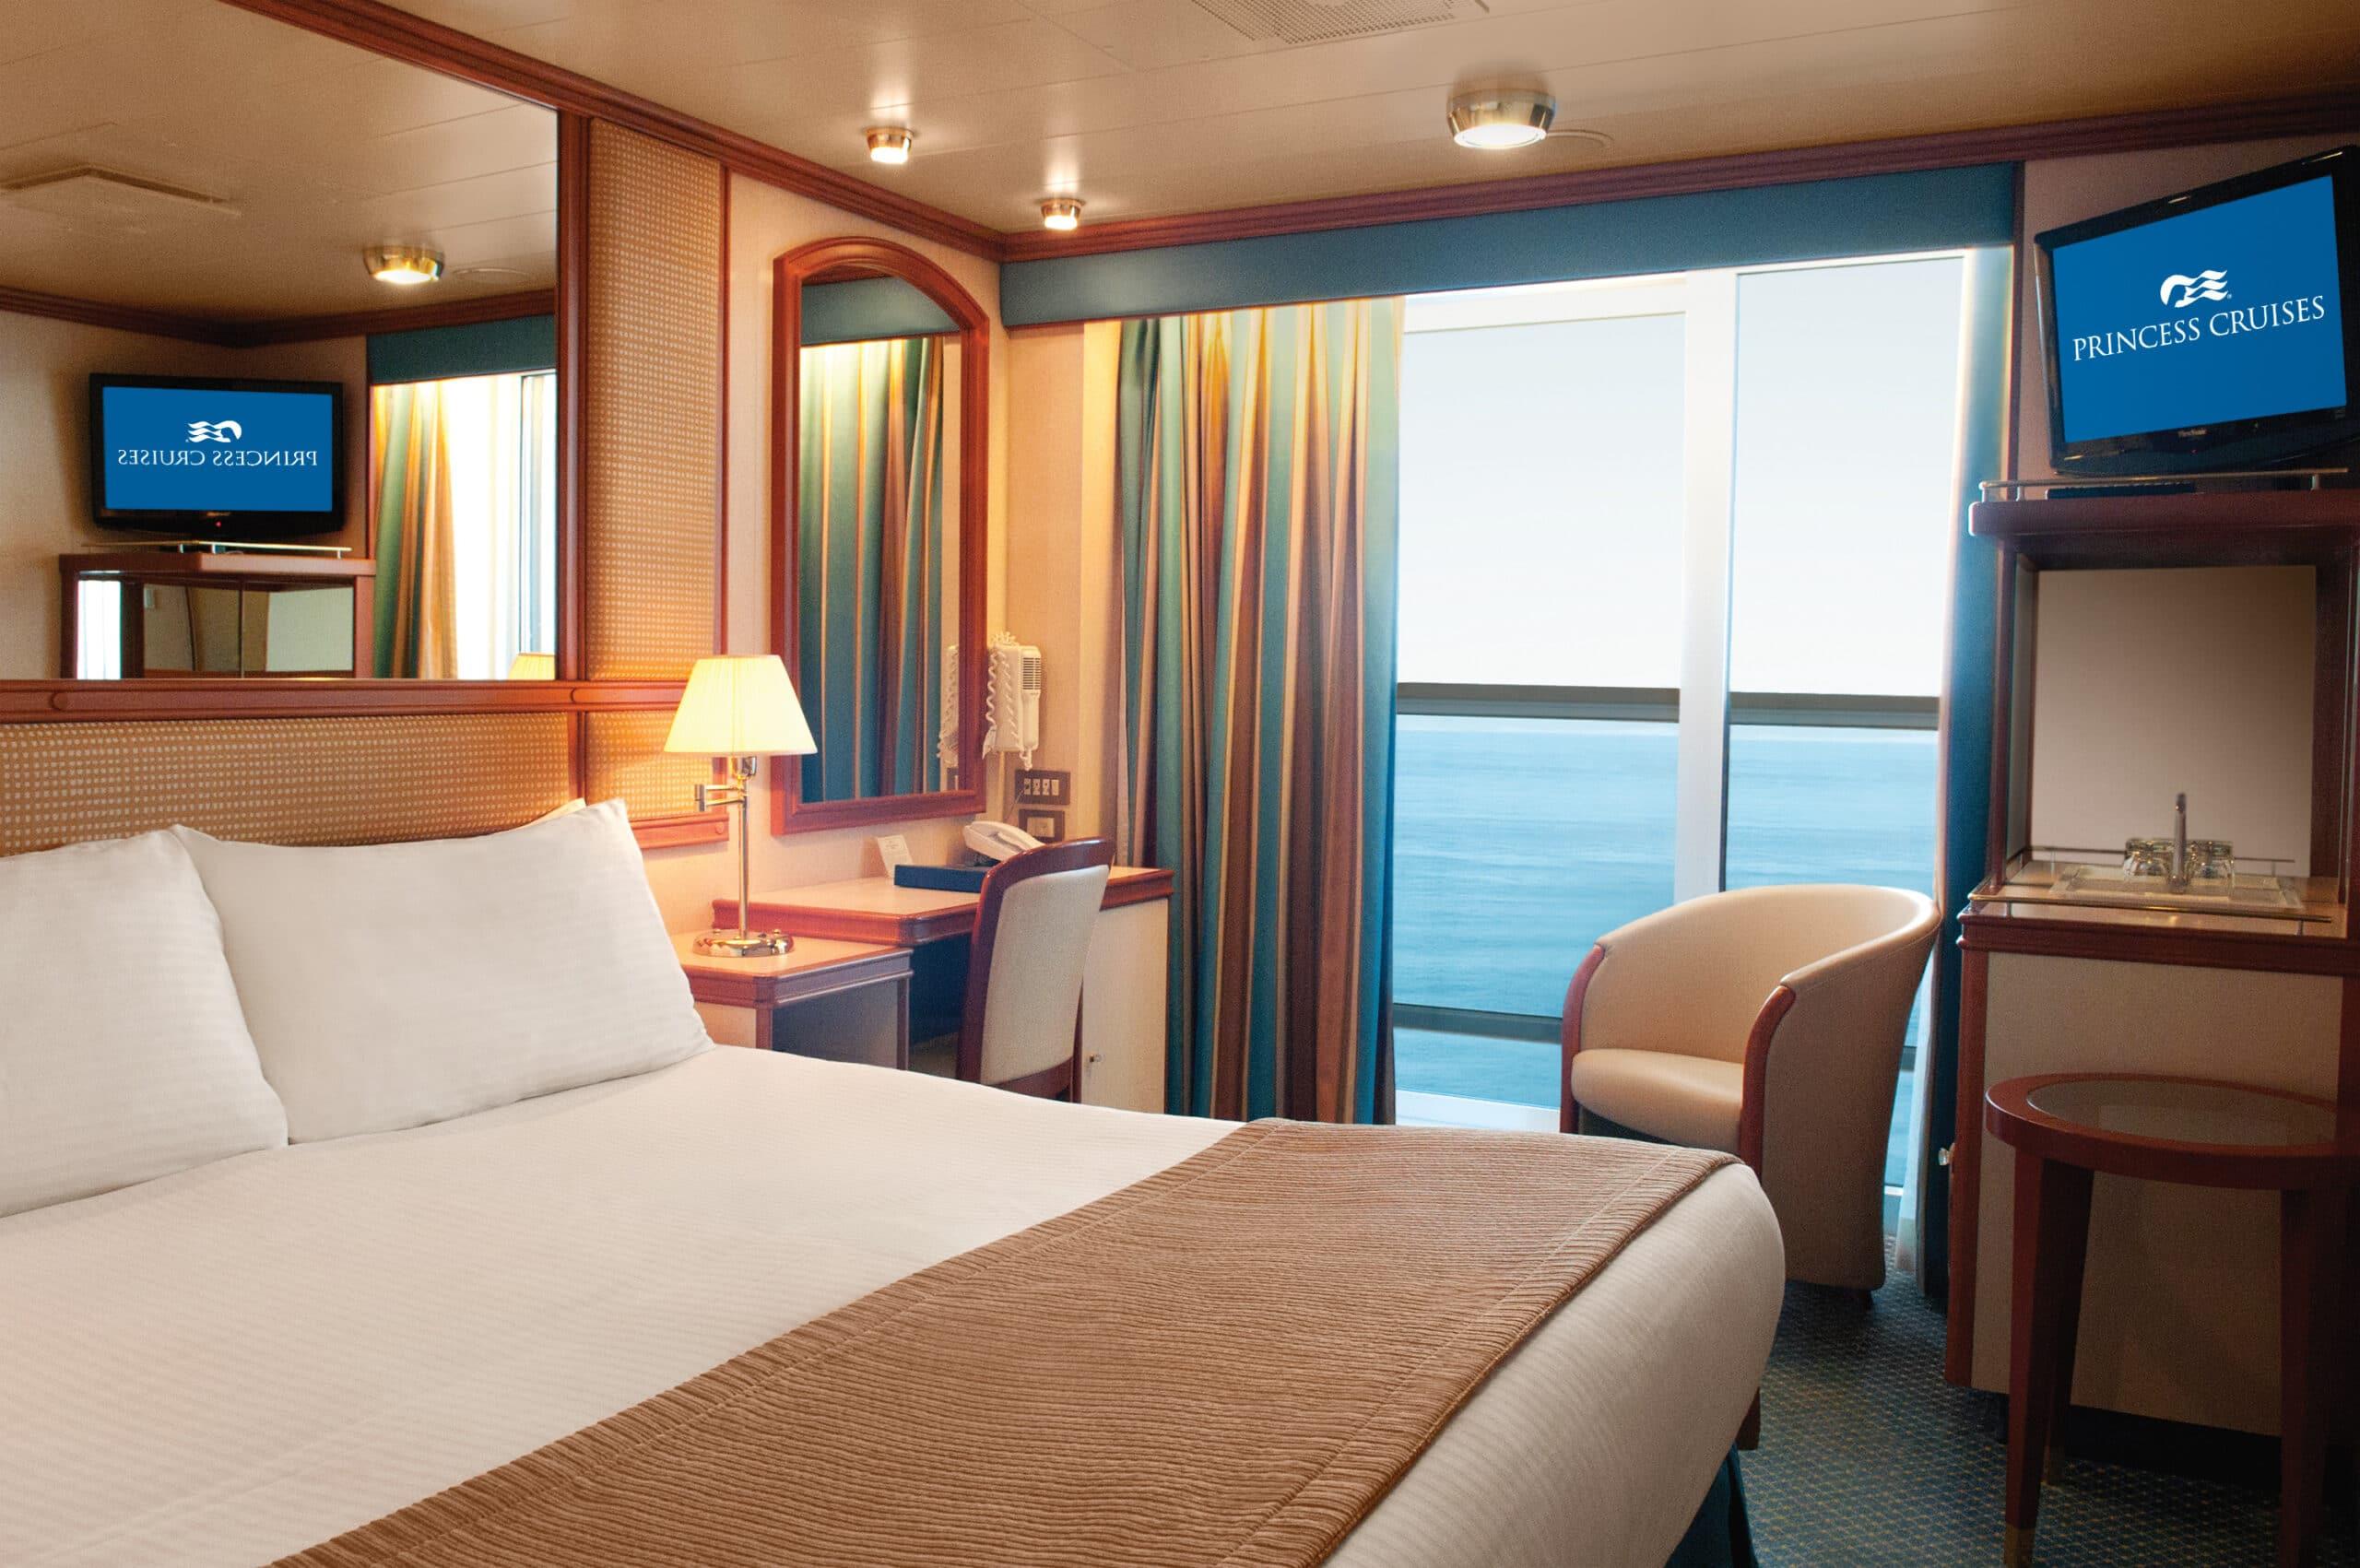 Princess-cruises-Crown-princess-schip-cruiseschip-categorie b1-b2-b4-ba-bb-bc-bd-be-bf-balkonhut